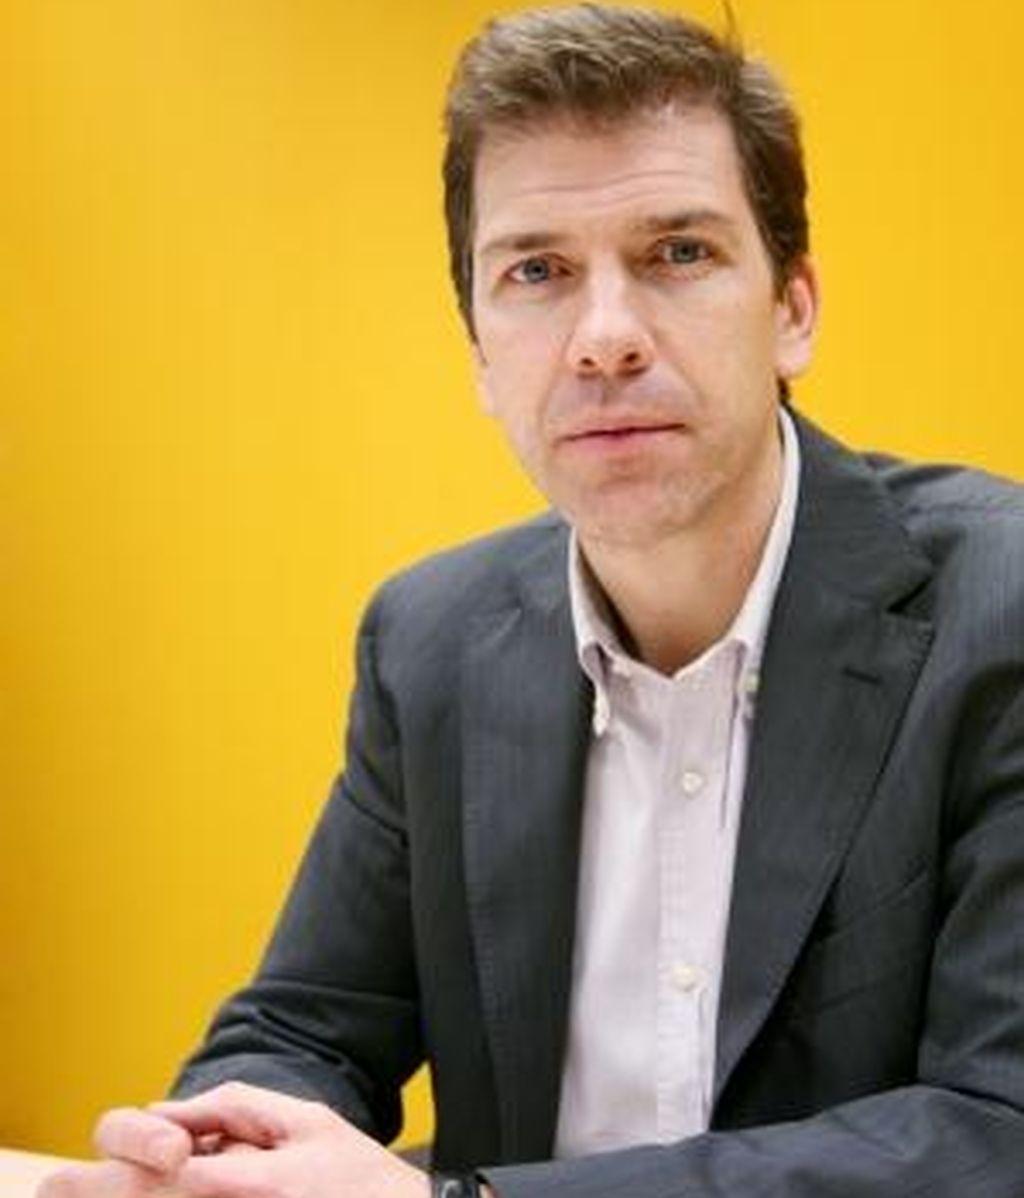 Pepe Cerezo, nuevo socio director de la consultora RocaSalvaterra